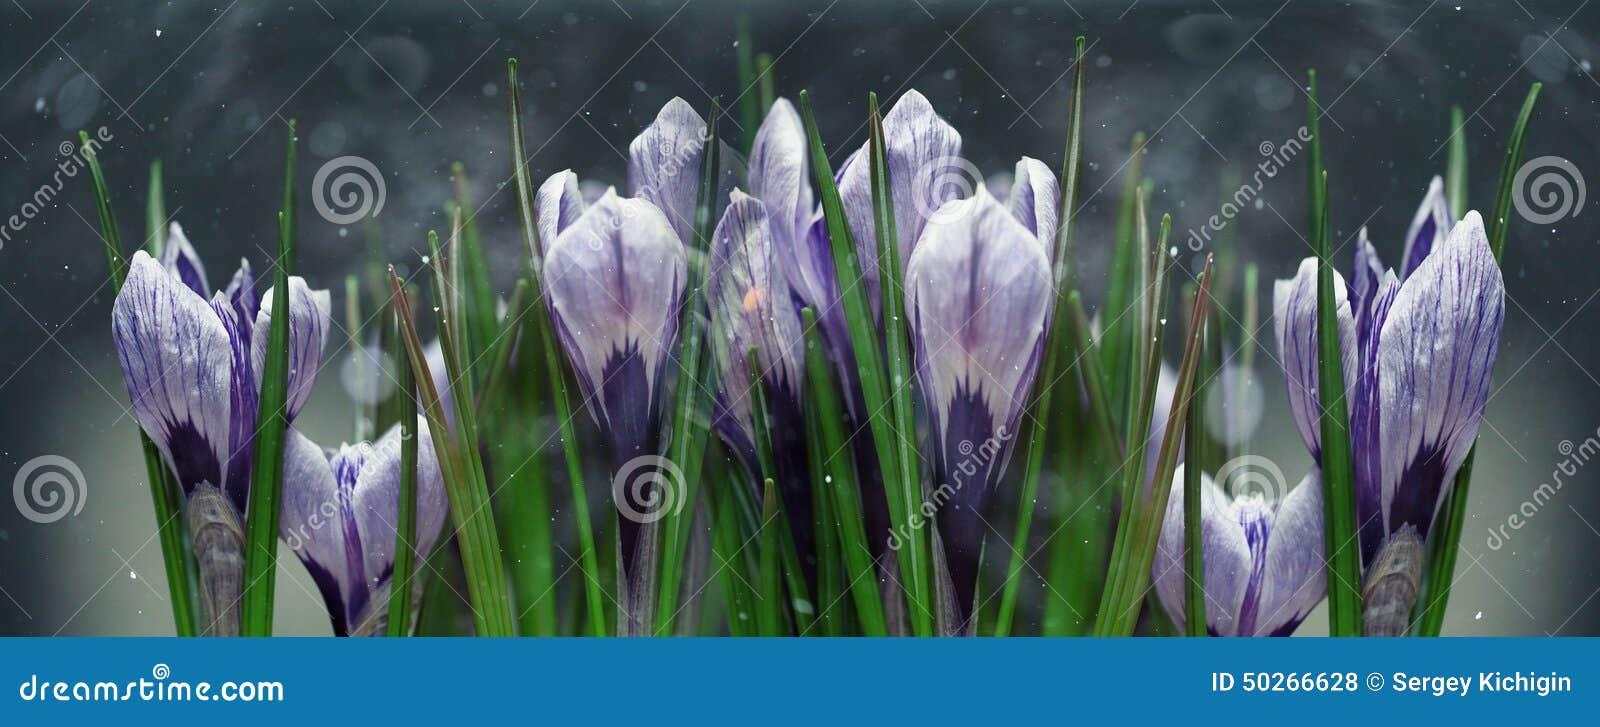 Голубой крокус цветет весна